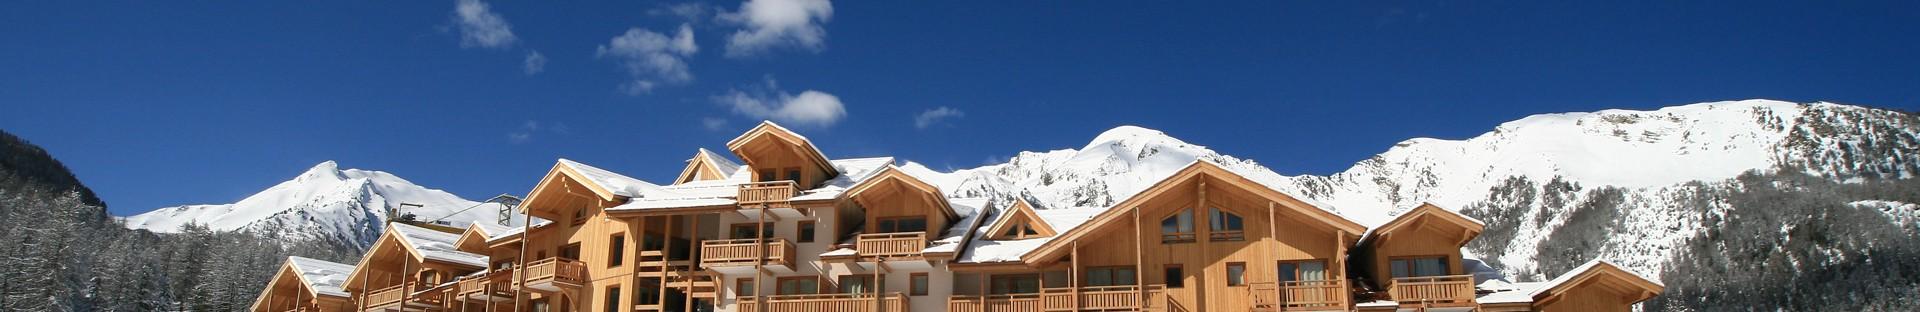 Séjour en hotel - hiver Les Orres